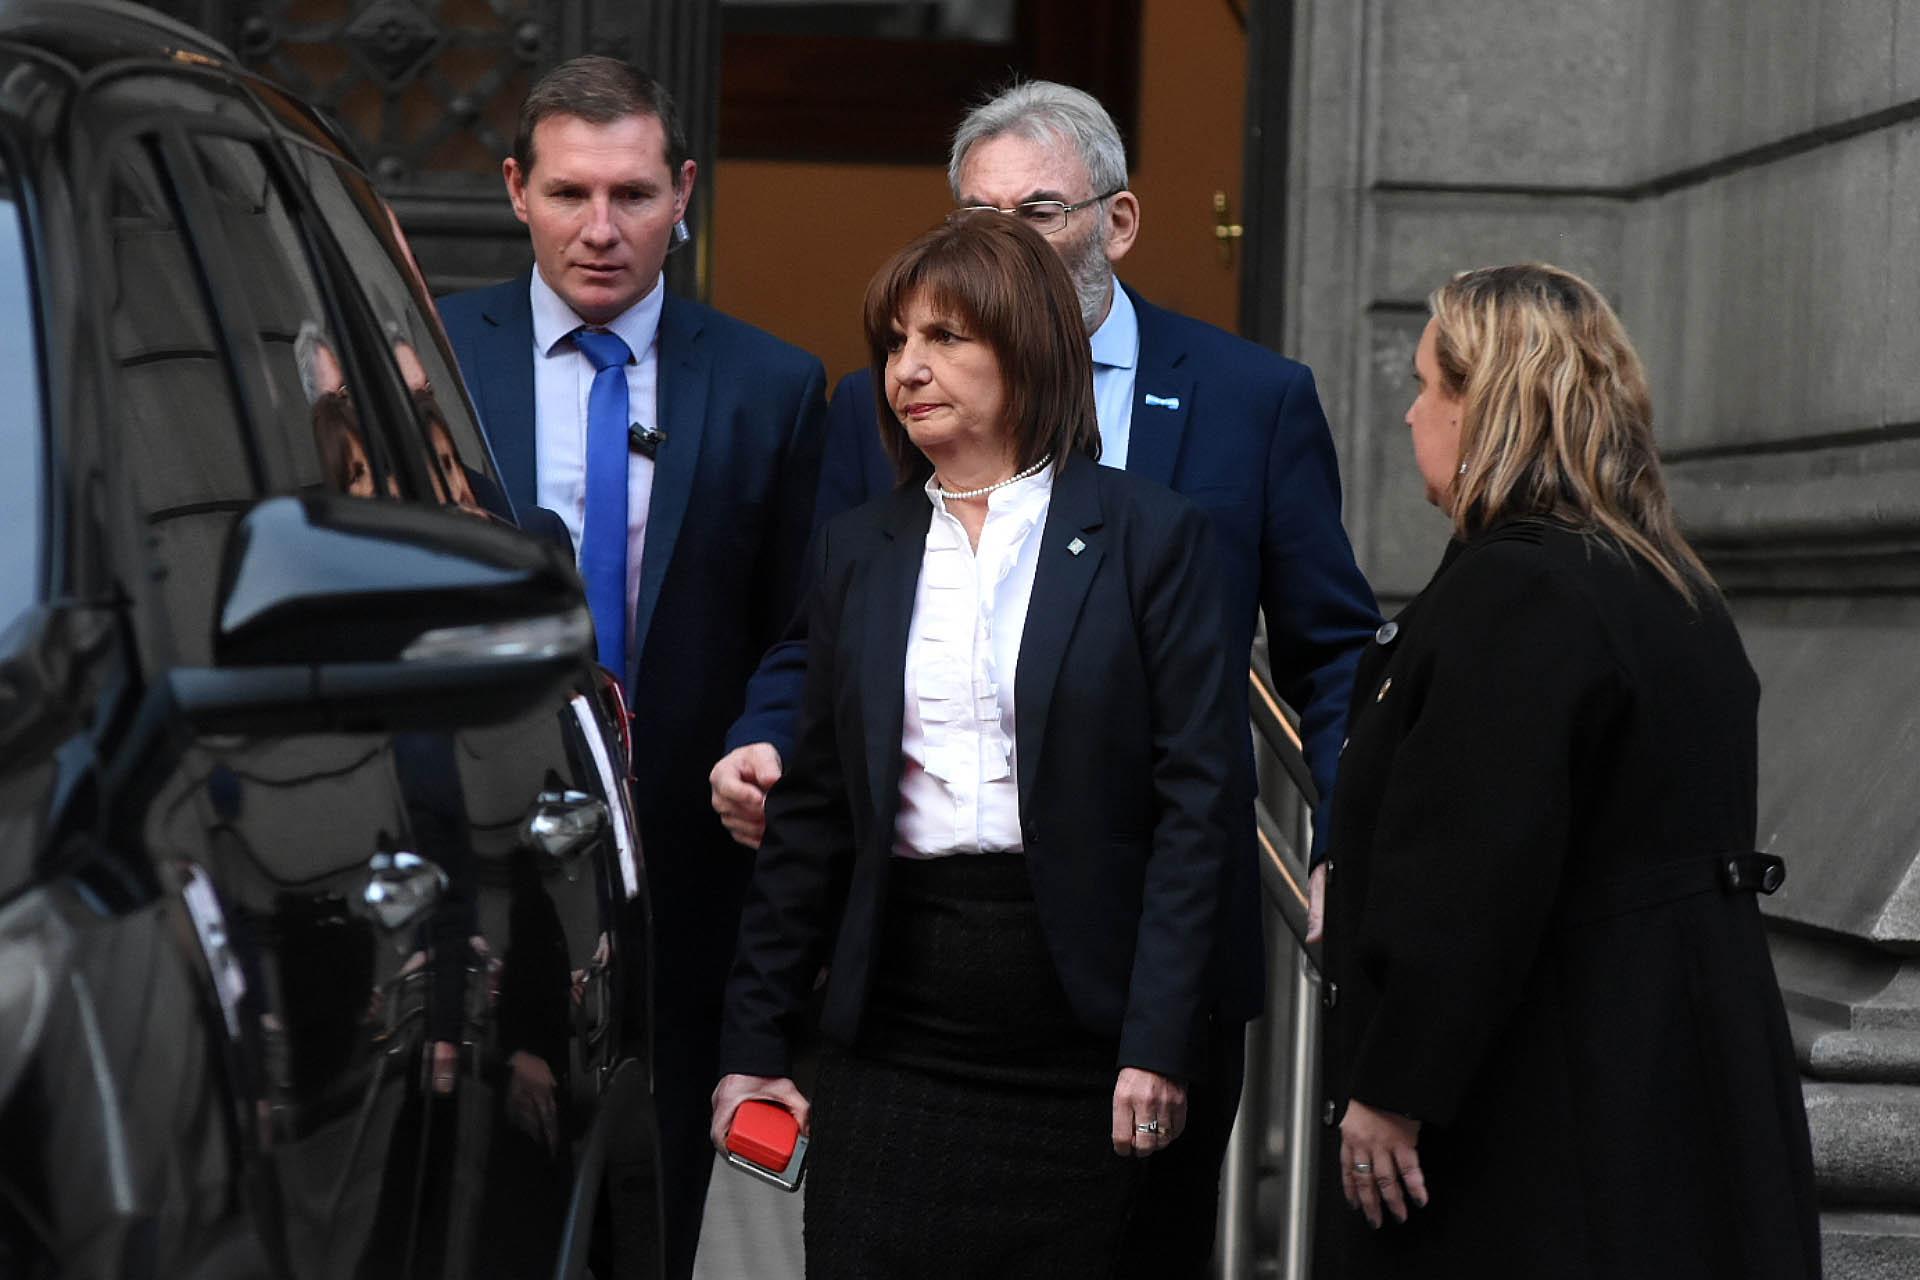 La ministra de Seguridad Patricia Bullrich